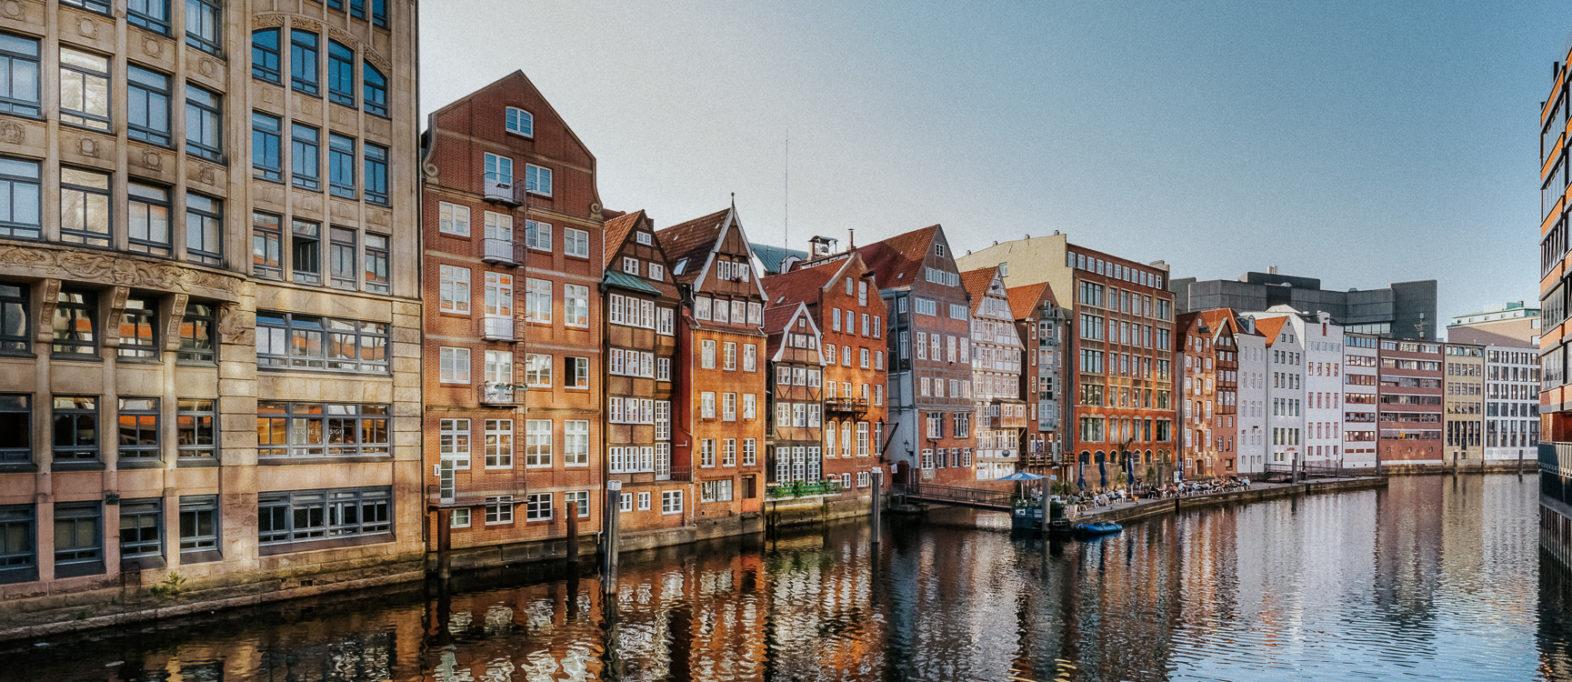 Geheimtipps in Hamburg: Die besten Tipps & Unternehmungen von Einheimischen